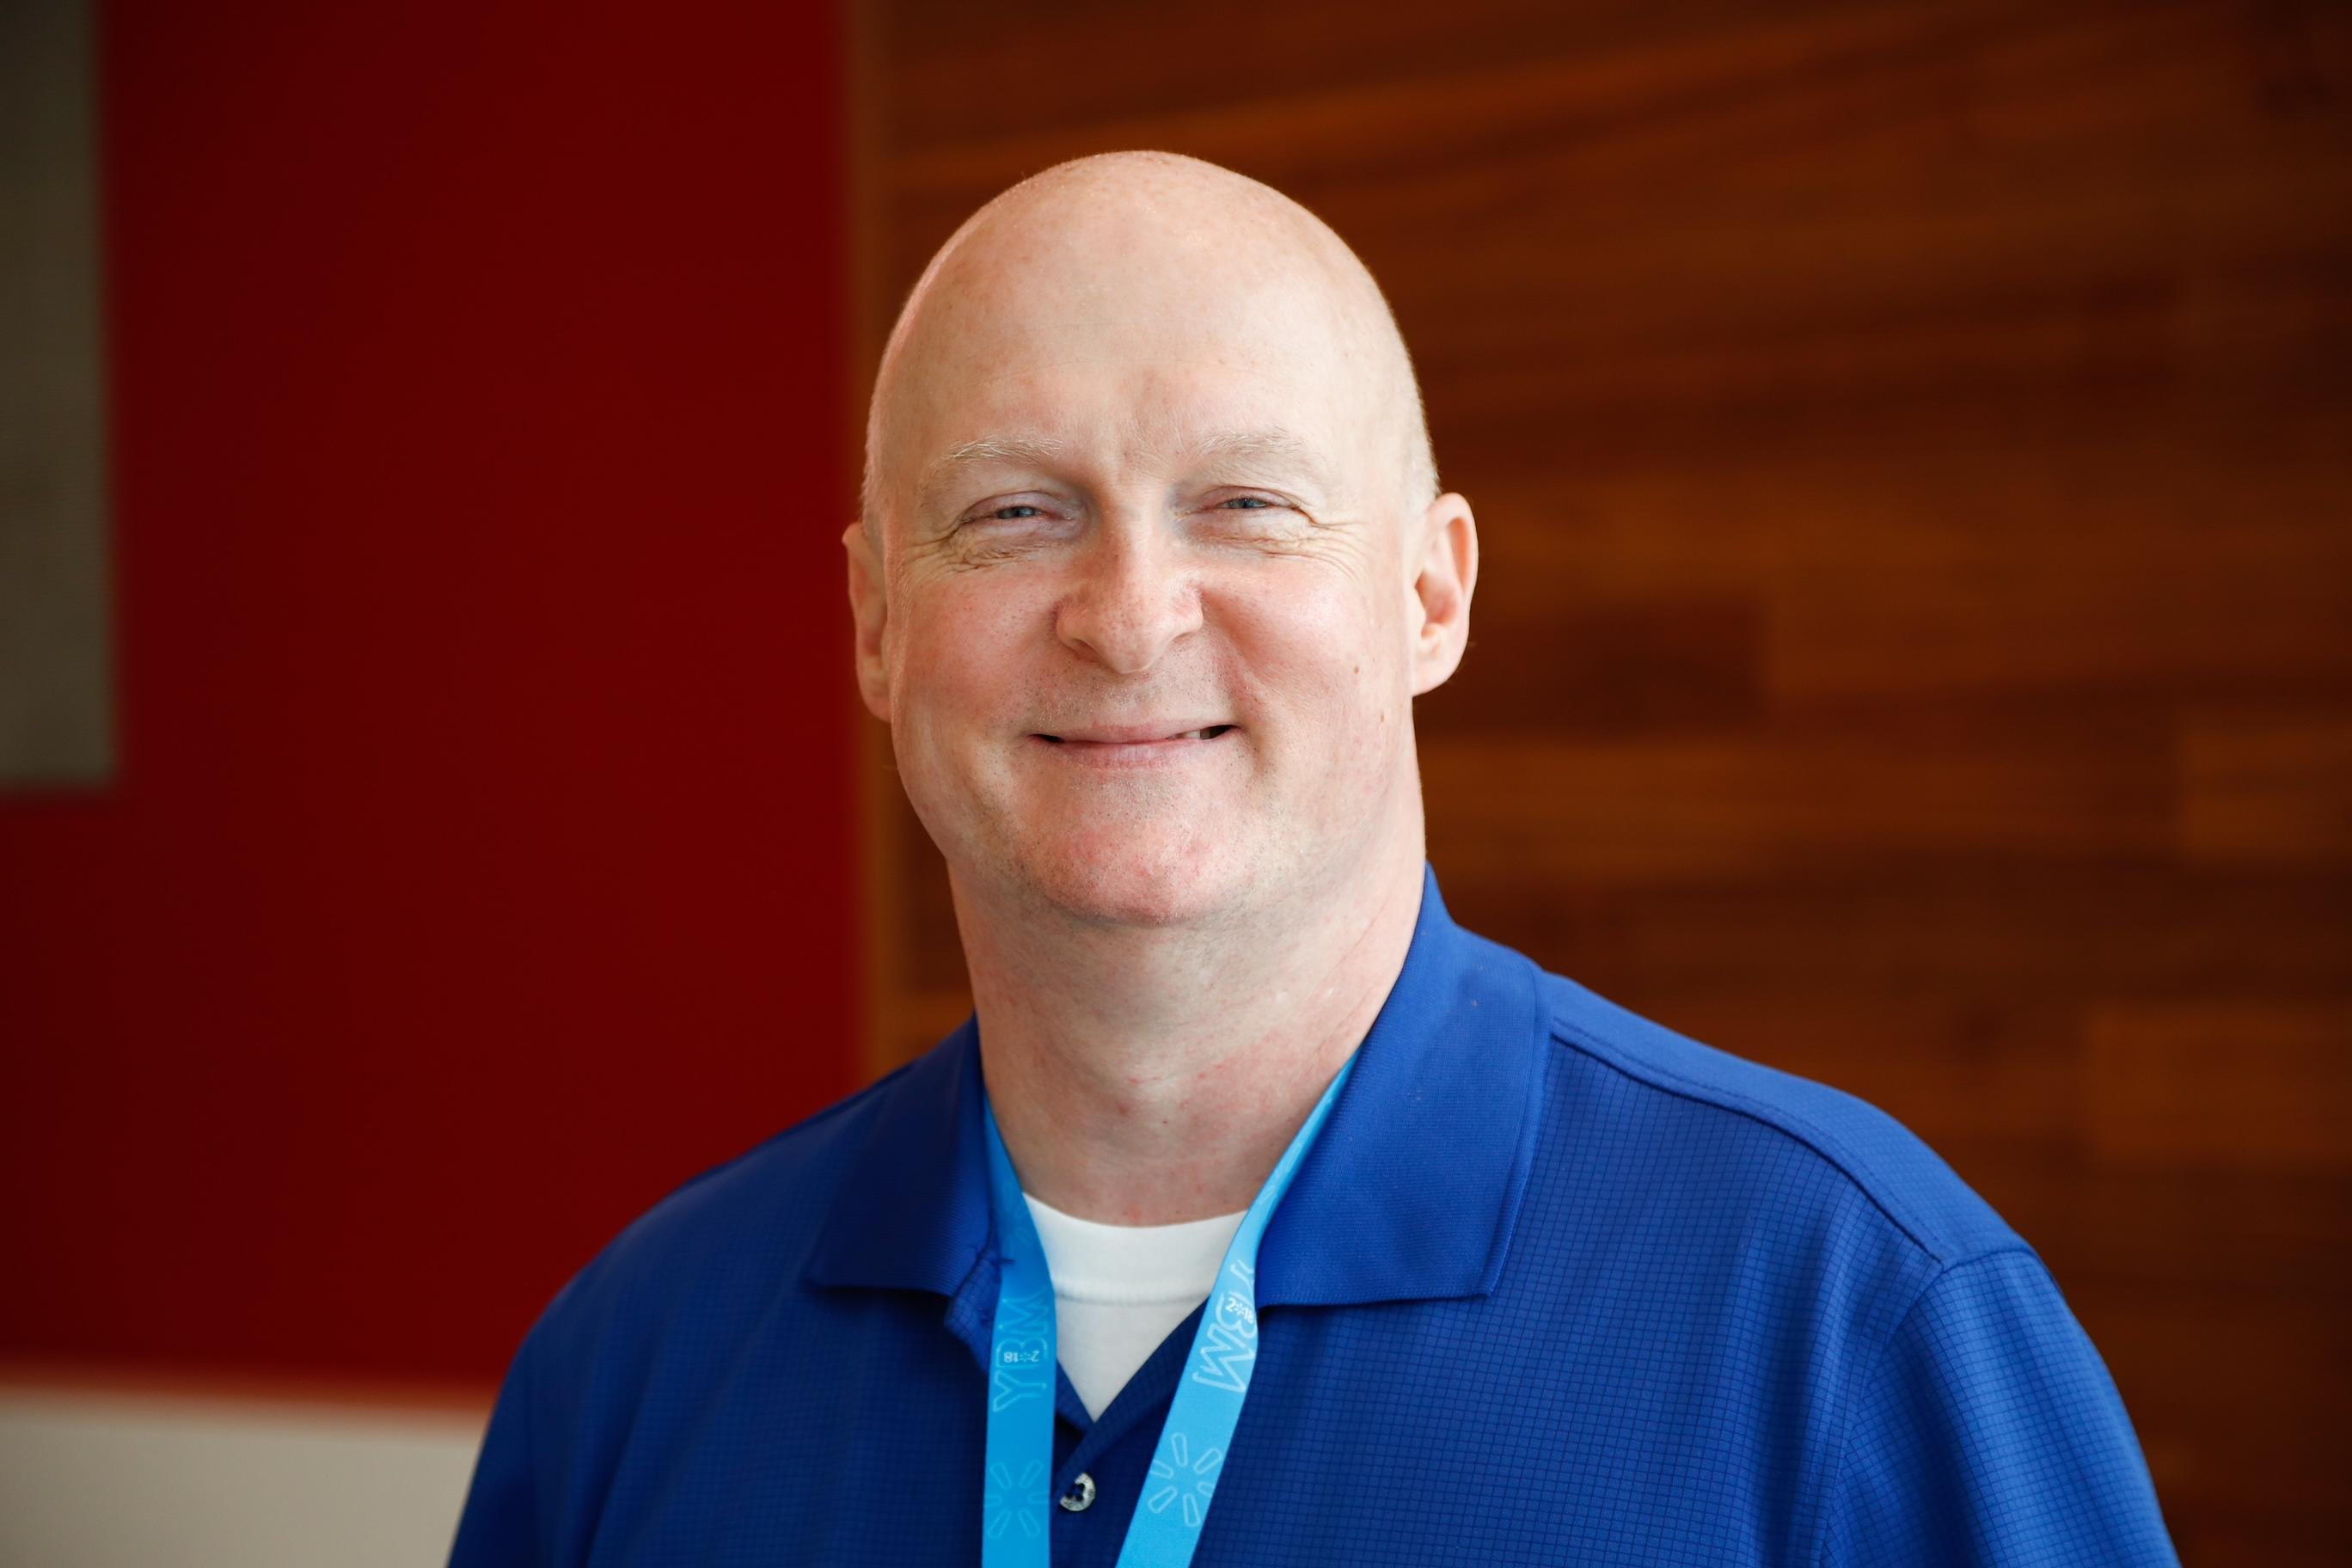 Walmart associate Todd Phillips